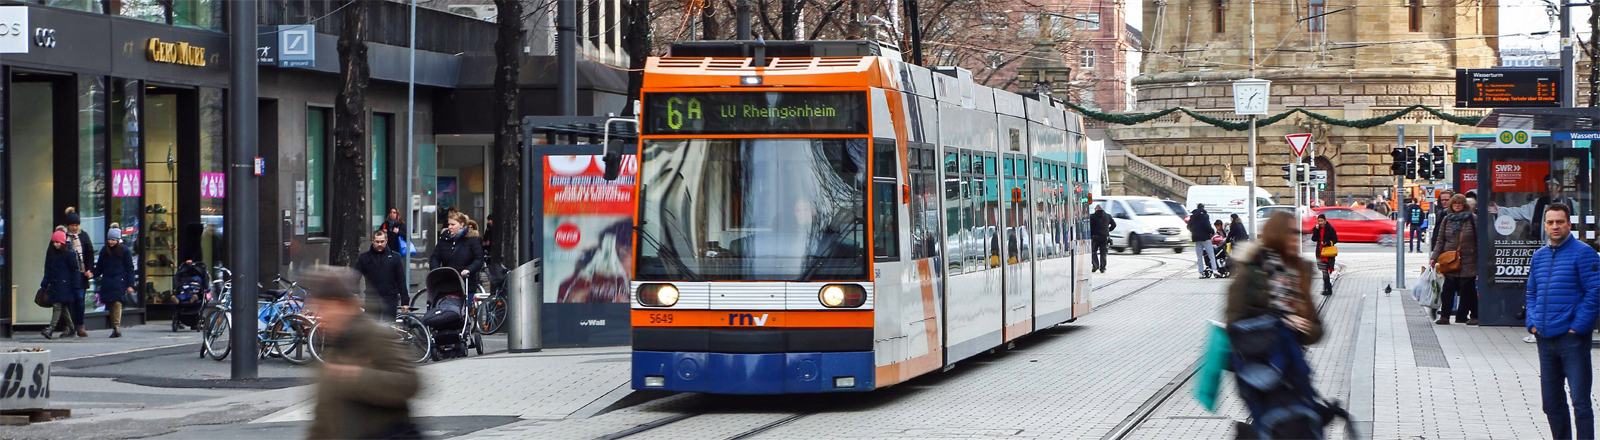 Straßenbahn in der Mannheimer Innenstadt